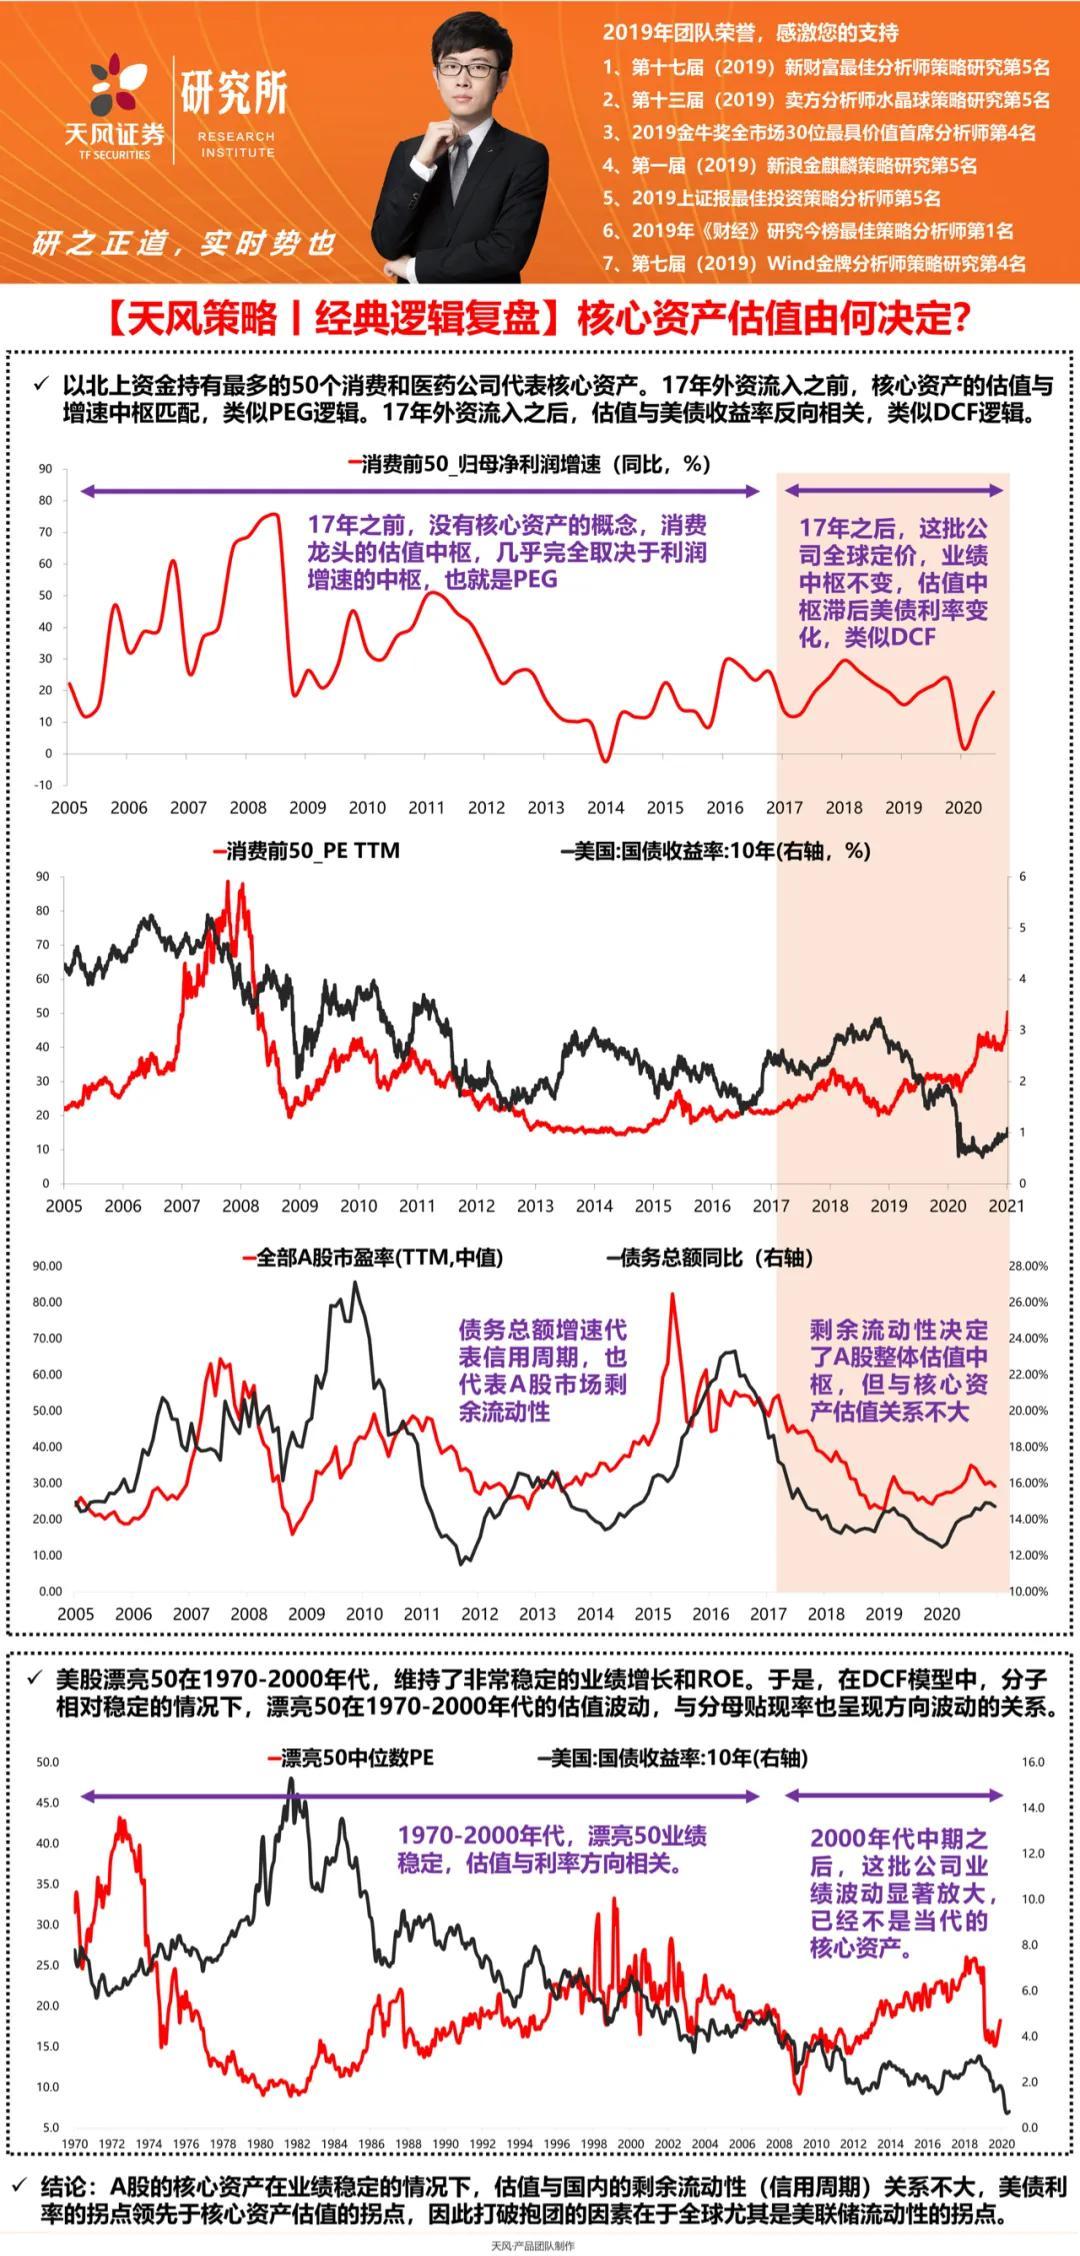 天风证券:打破国内核心资产正向循环很可能是全球流动性拐点预期